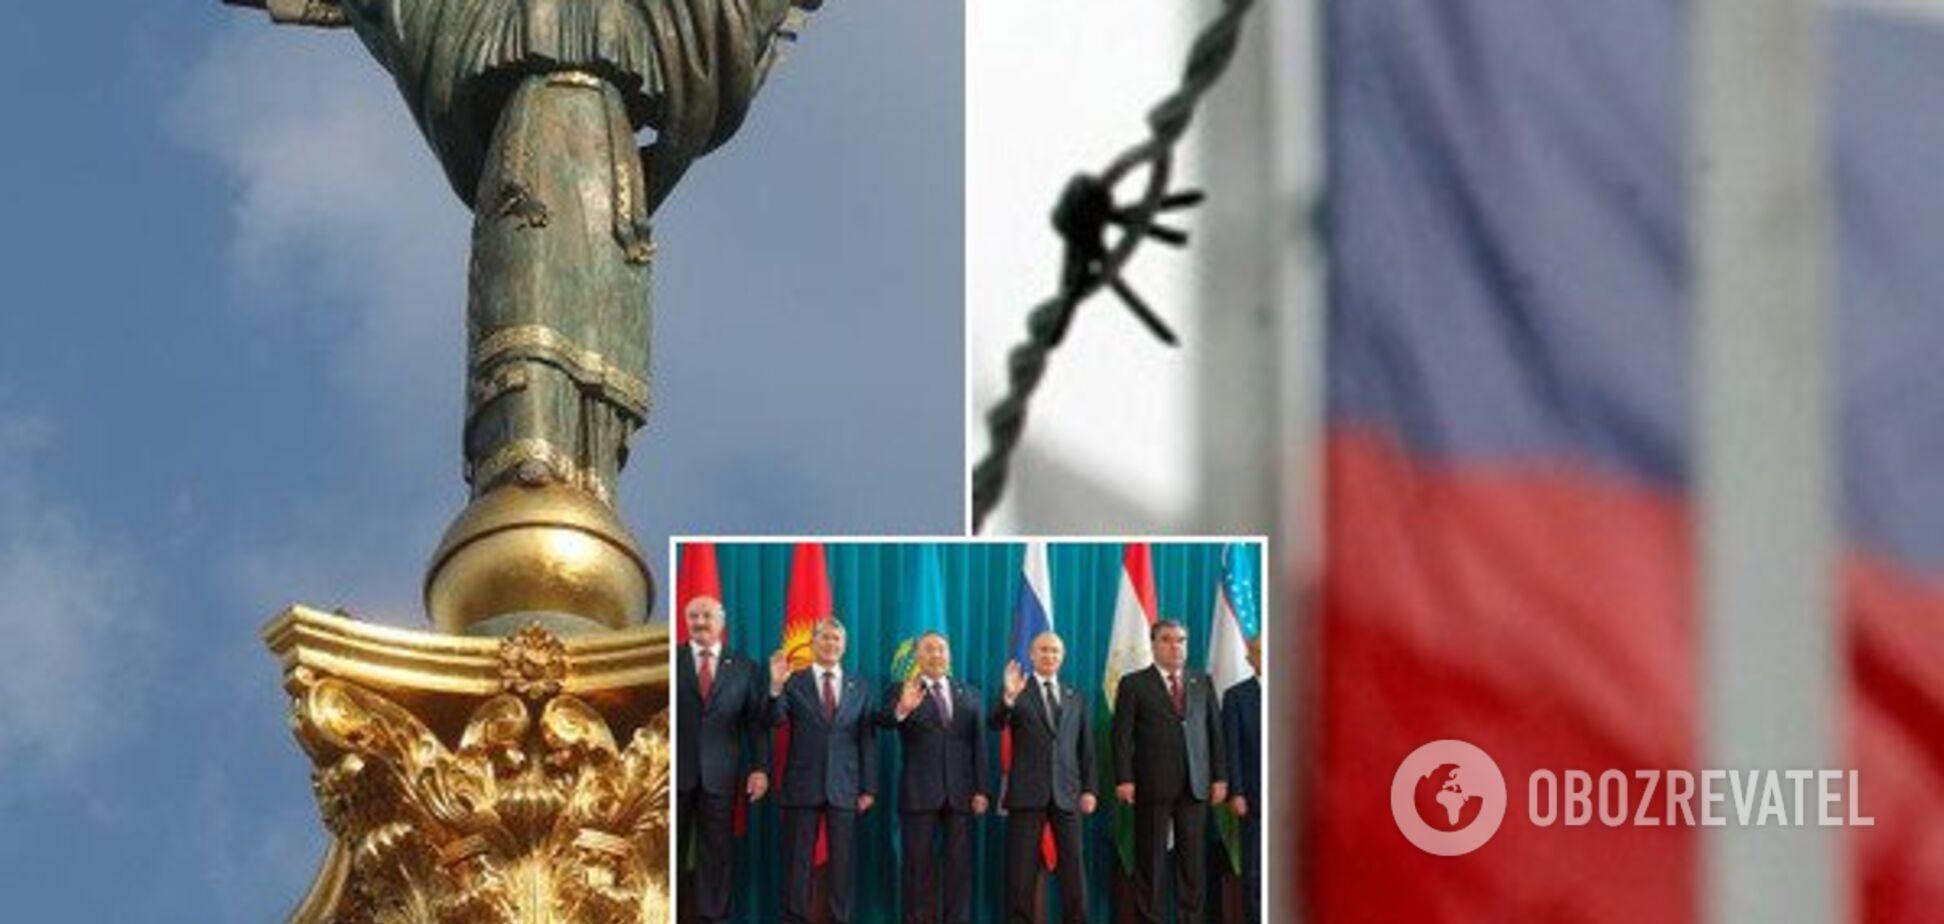 Россия потребовала деньги с Украины из-за СНГ: озвучена сумма